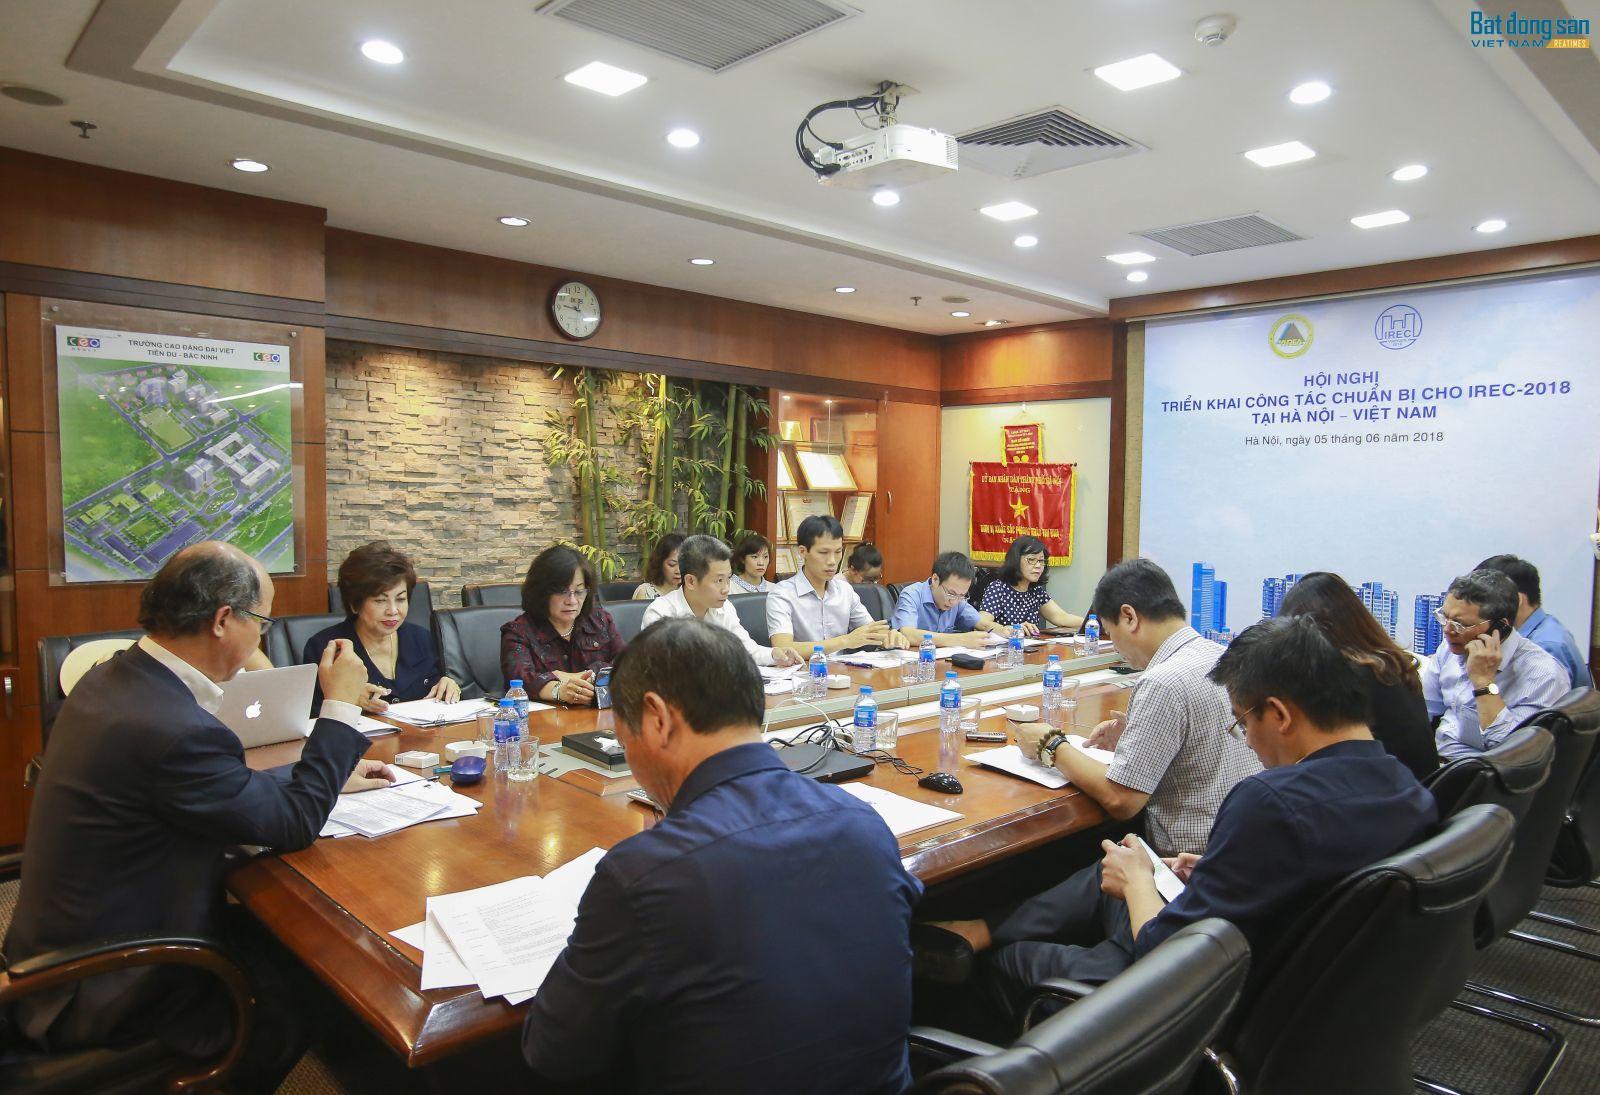 Hội nghị triển khai công tác chuẩn bị cho IREC - 2018 tại Hà Nội - Việt Nam